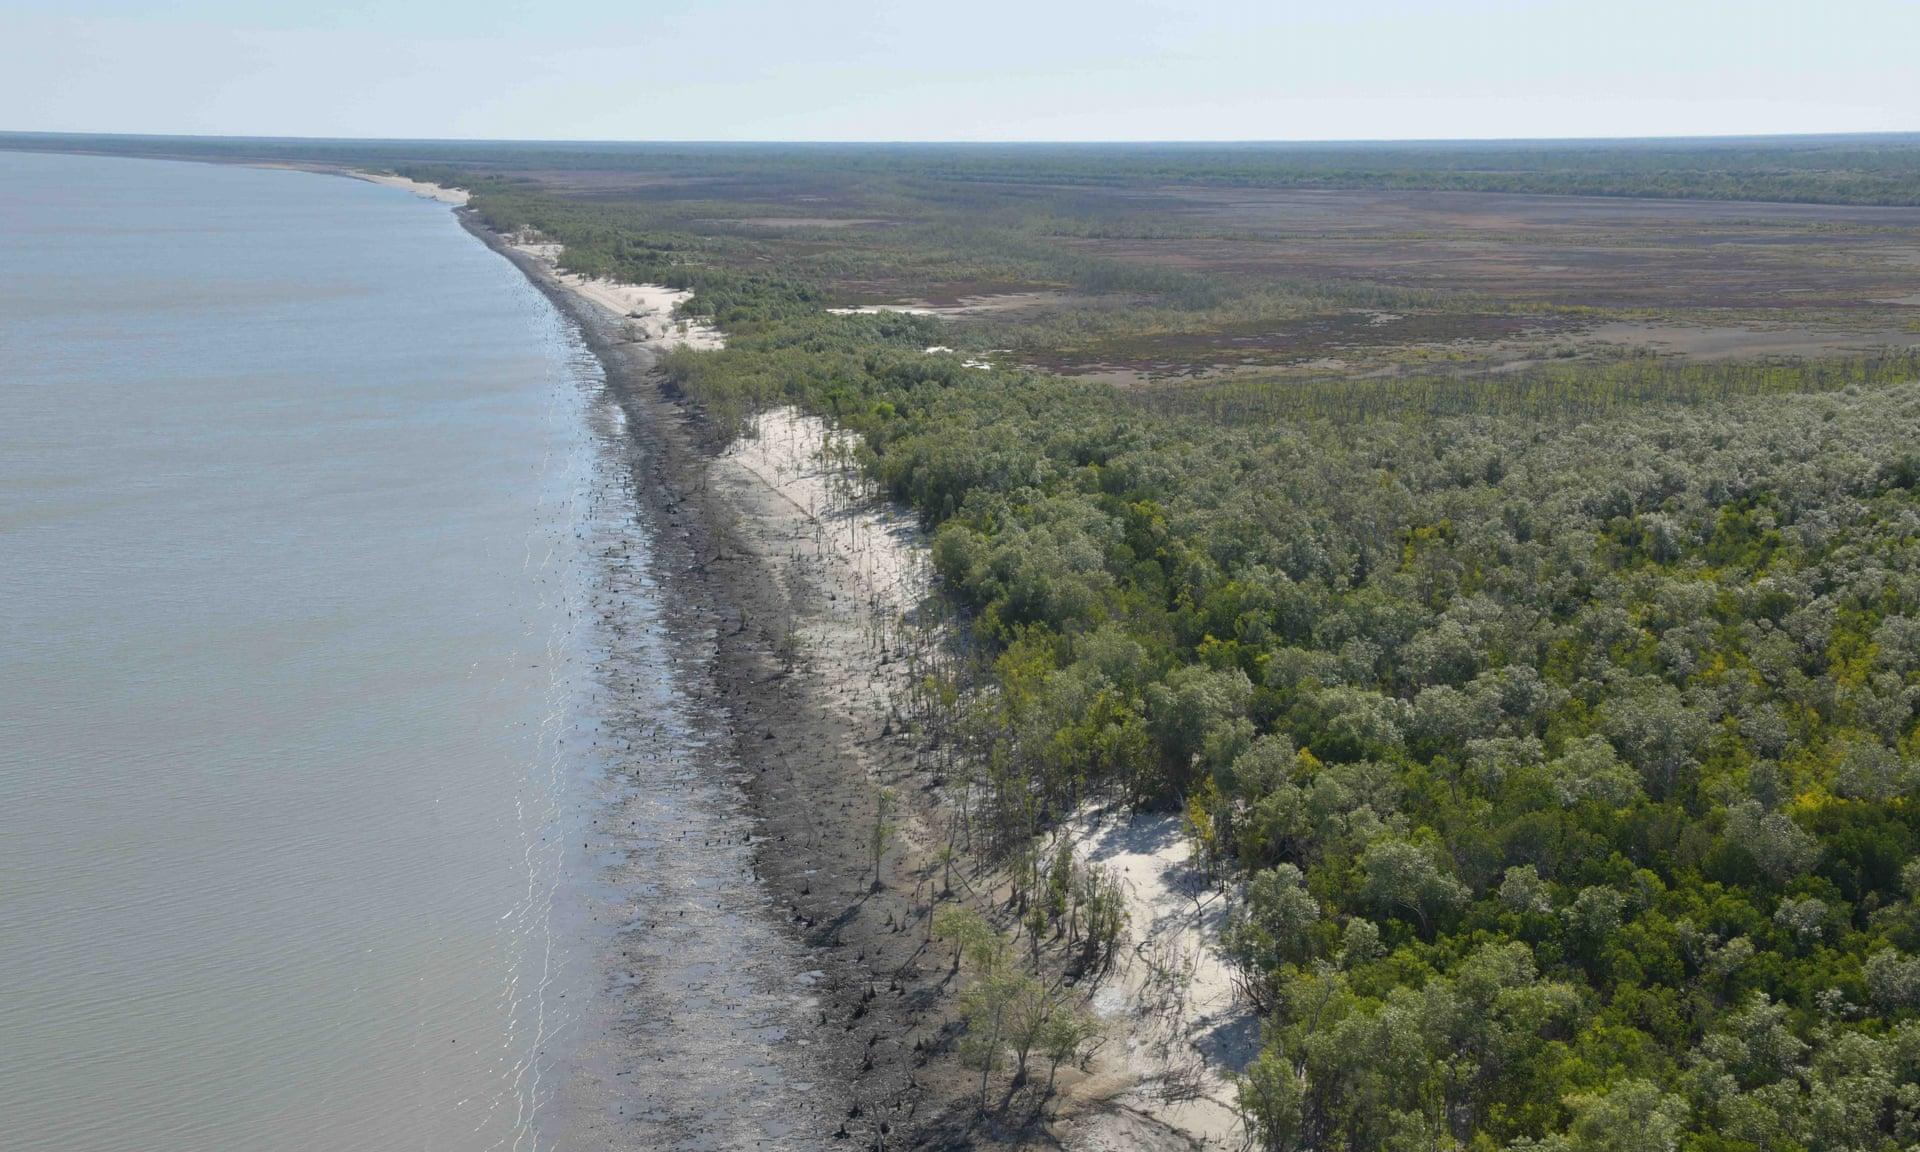 В Австралии обнаружили 400 км мертвых мангровых лесов